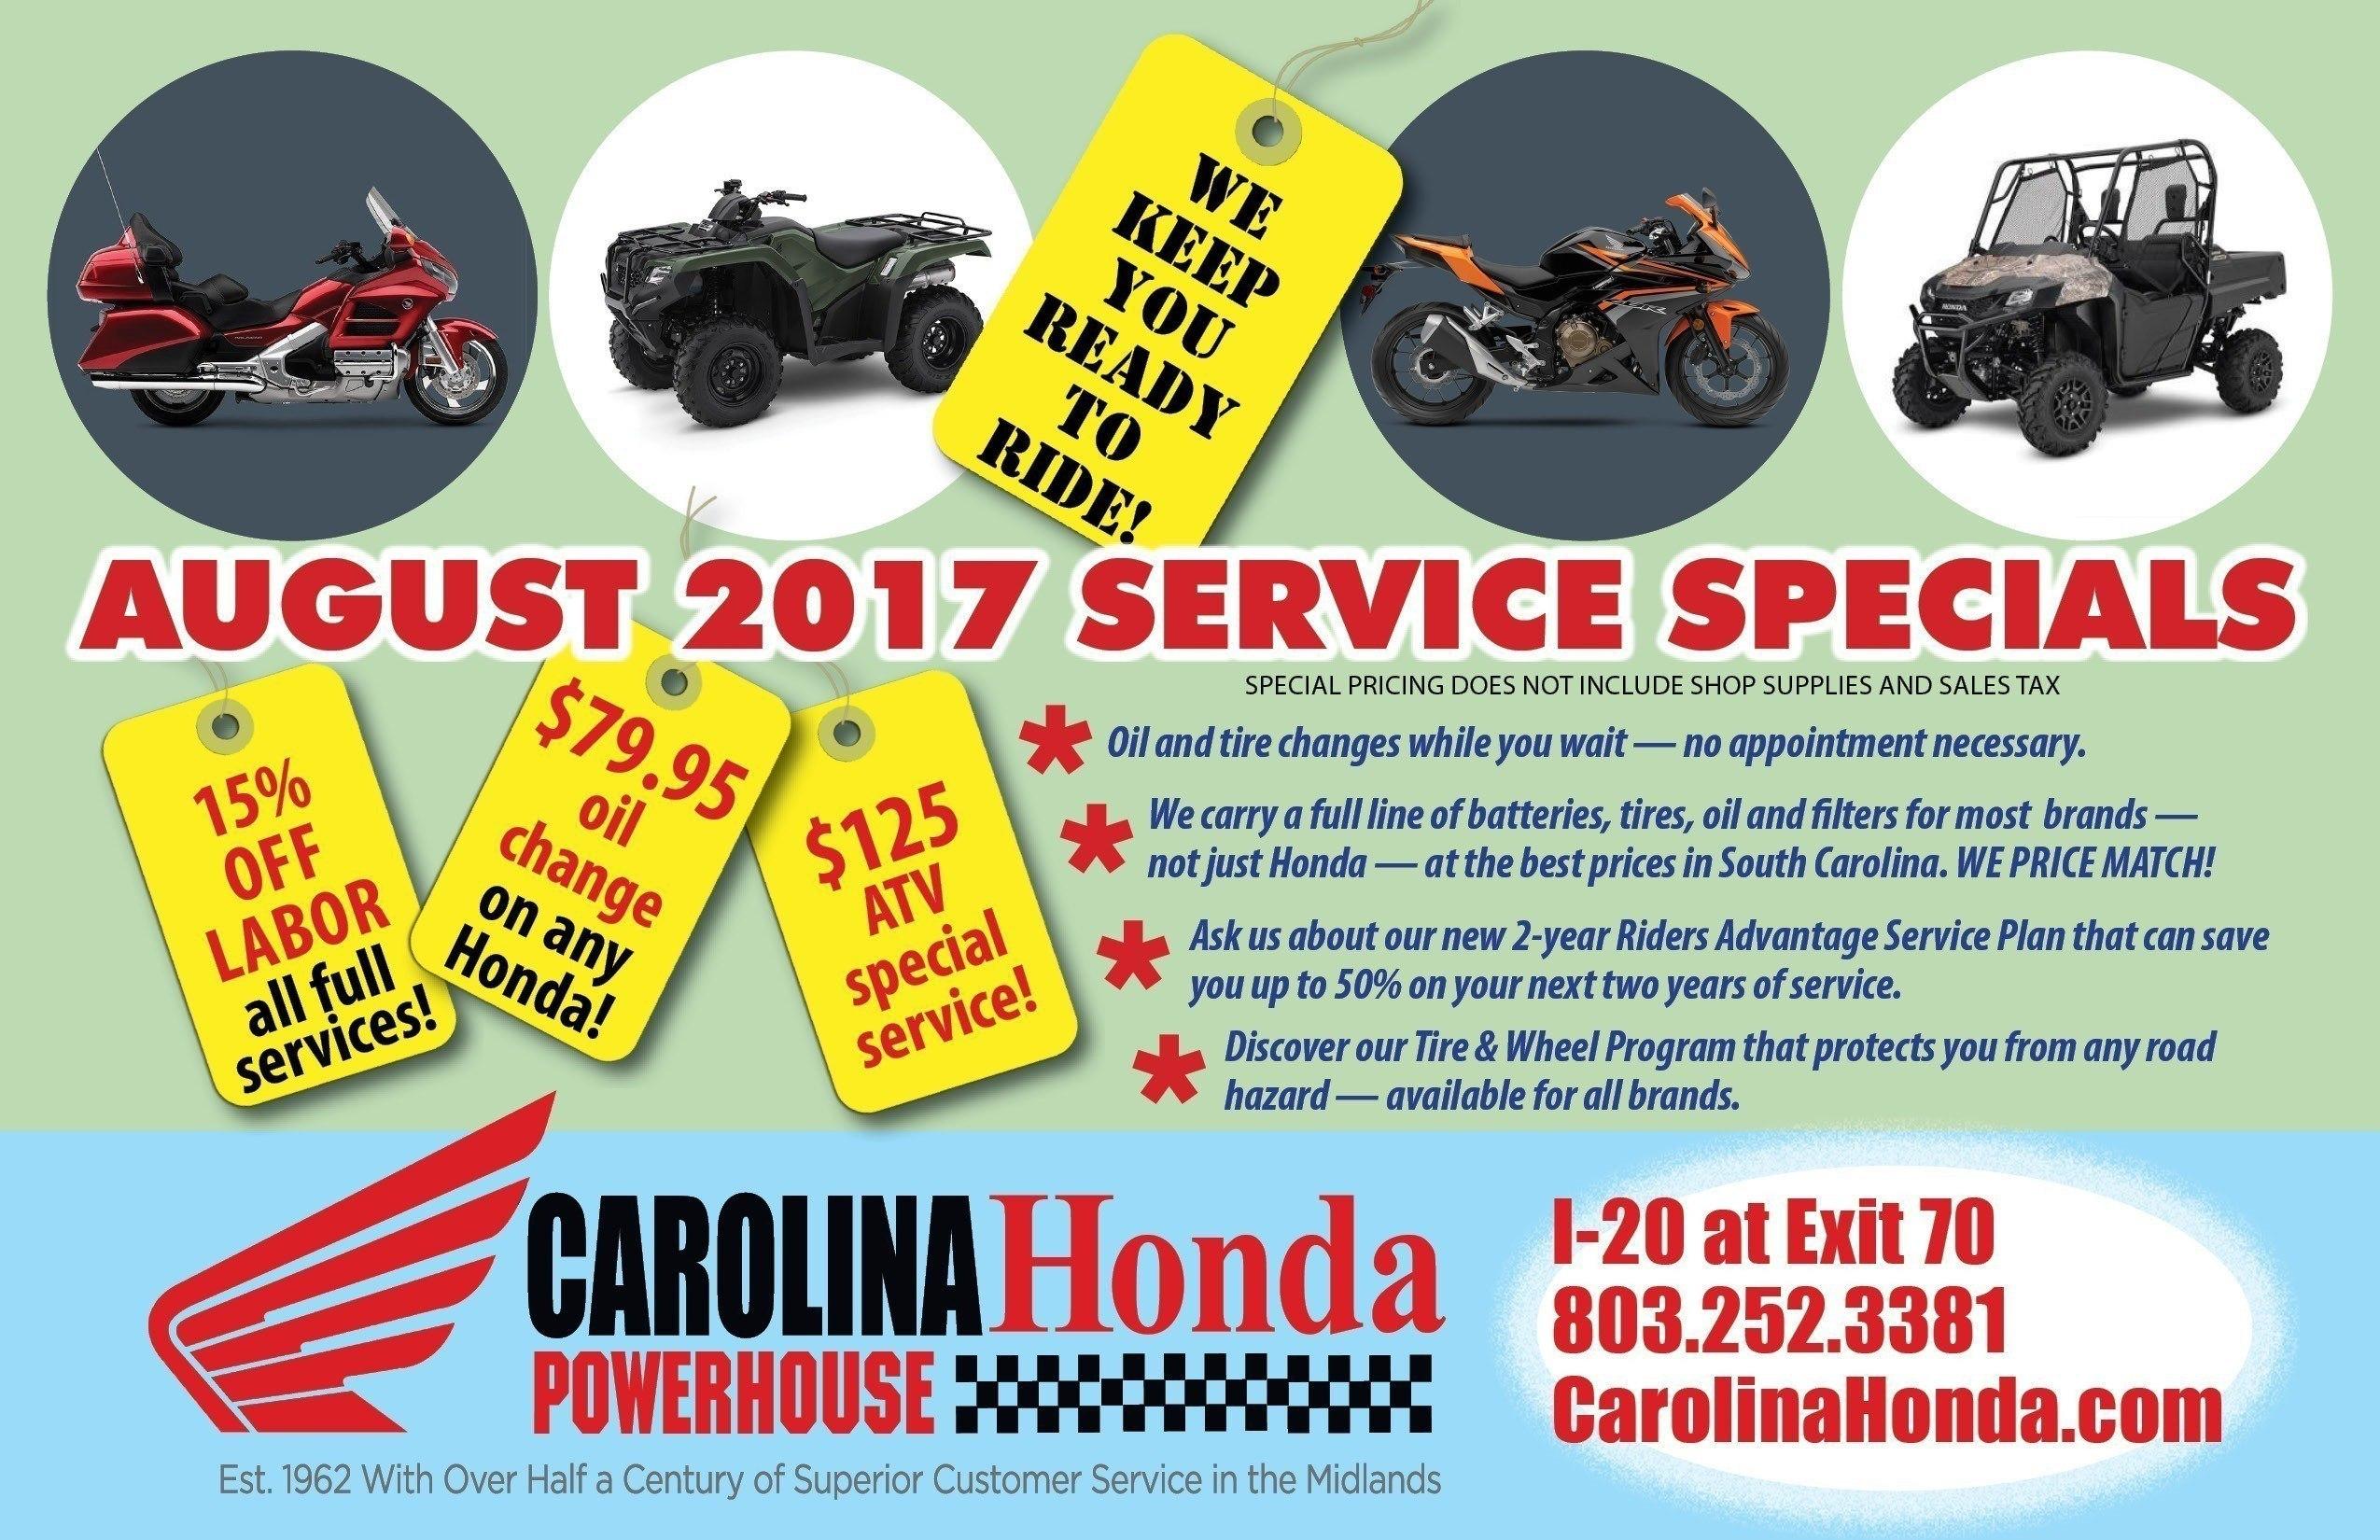 honda motorcycle service columbia south carolina   motorcycle